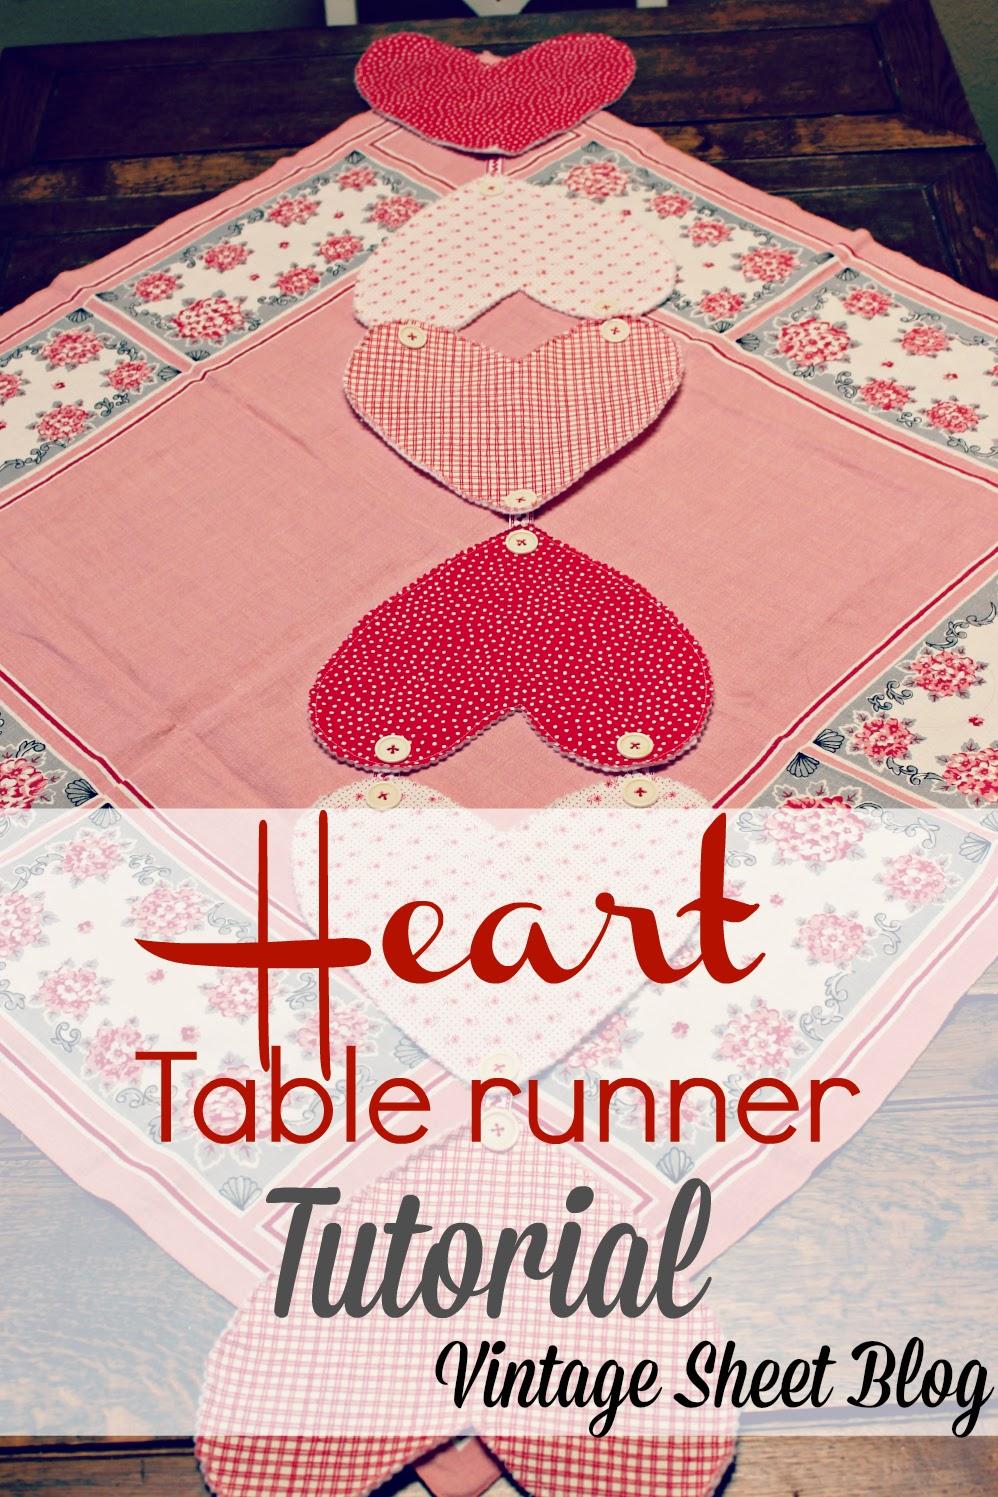 VALENTINESheart table runner title